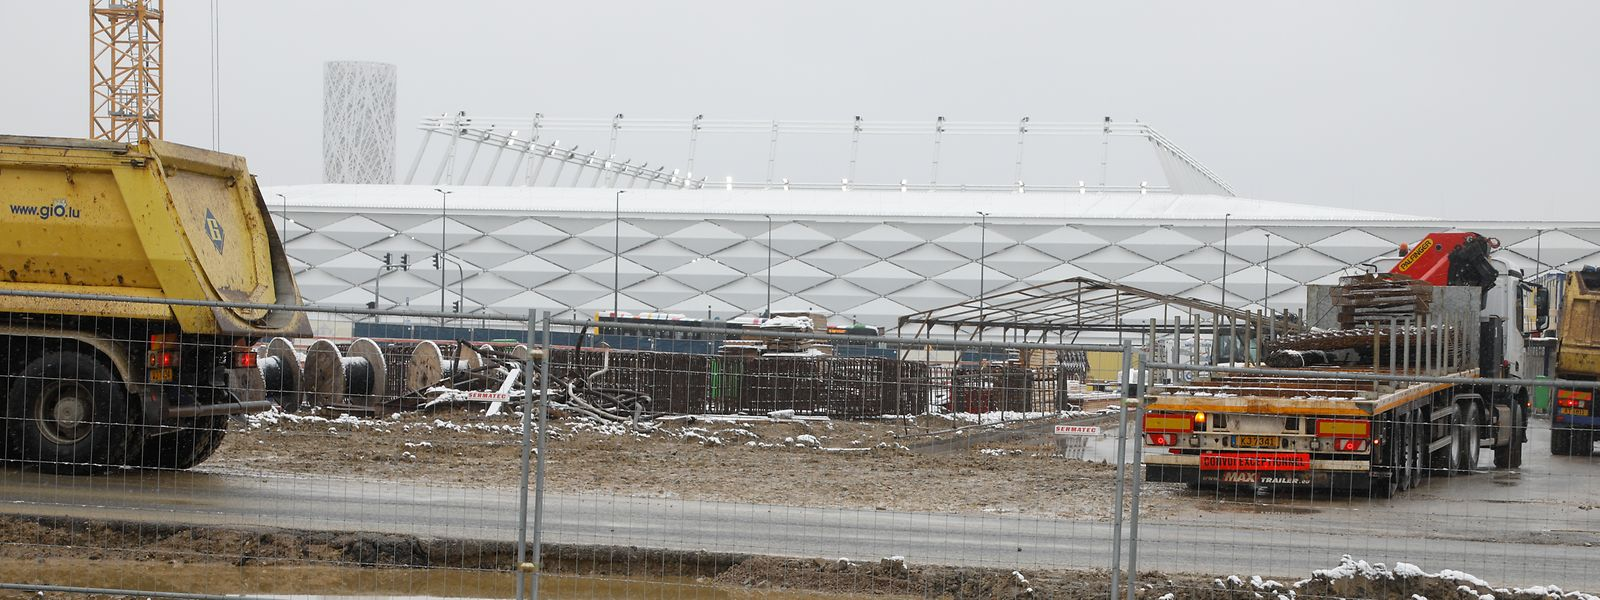 Le nouveau Park&Ride sera bien utile aux spectateurs du futur stade national qui joue sa validation par l'UEFA la semaine prochaine.